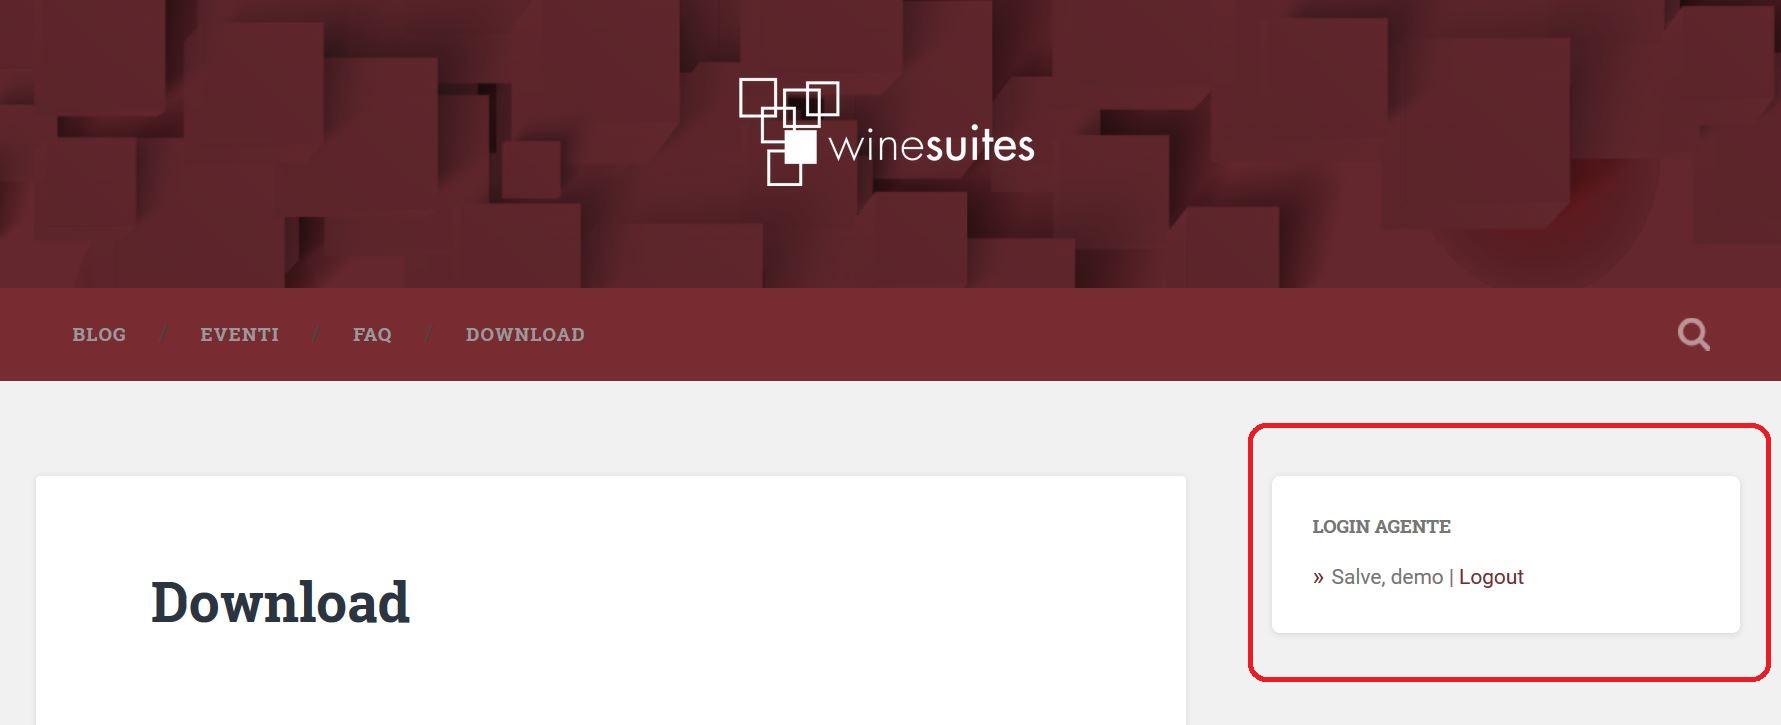 Winesuites - Gestione Area Riservata